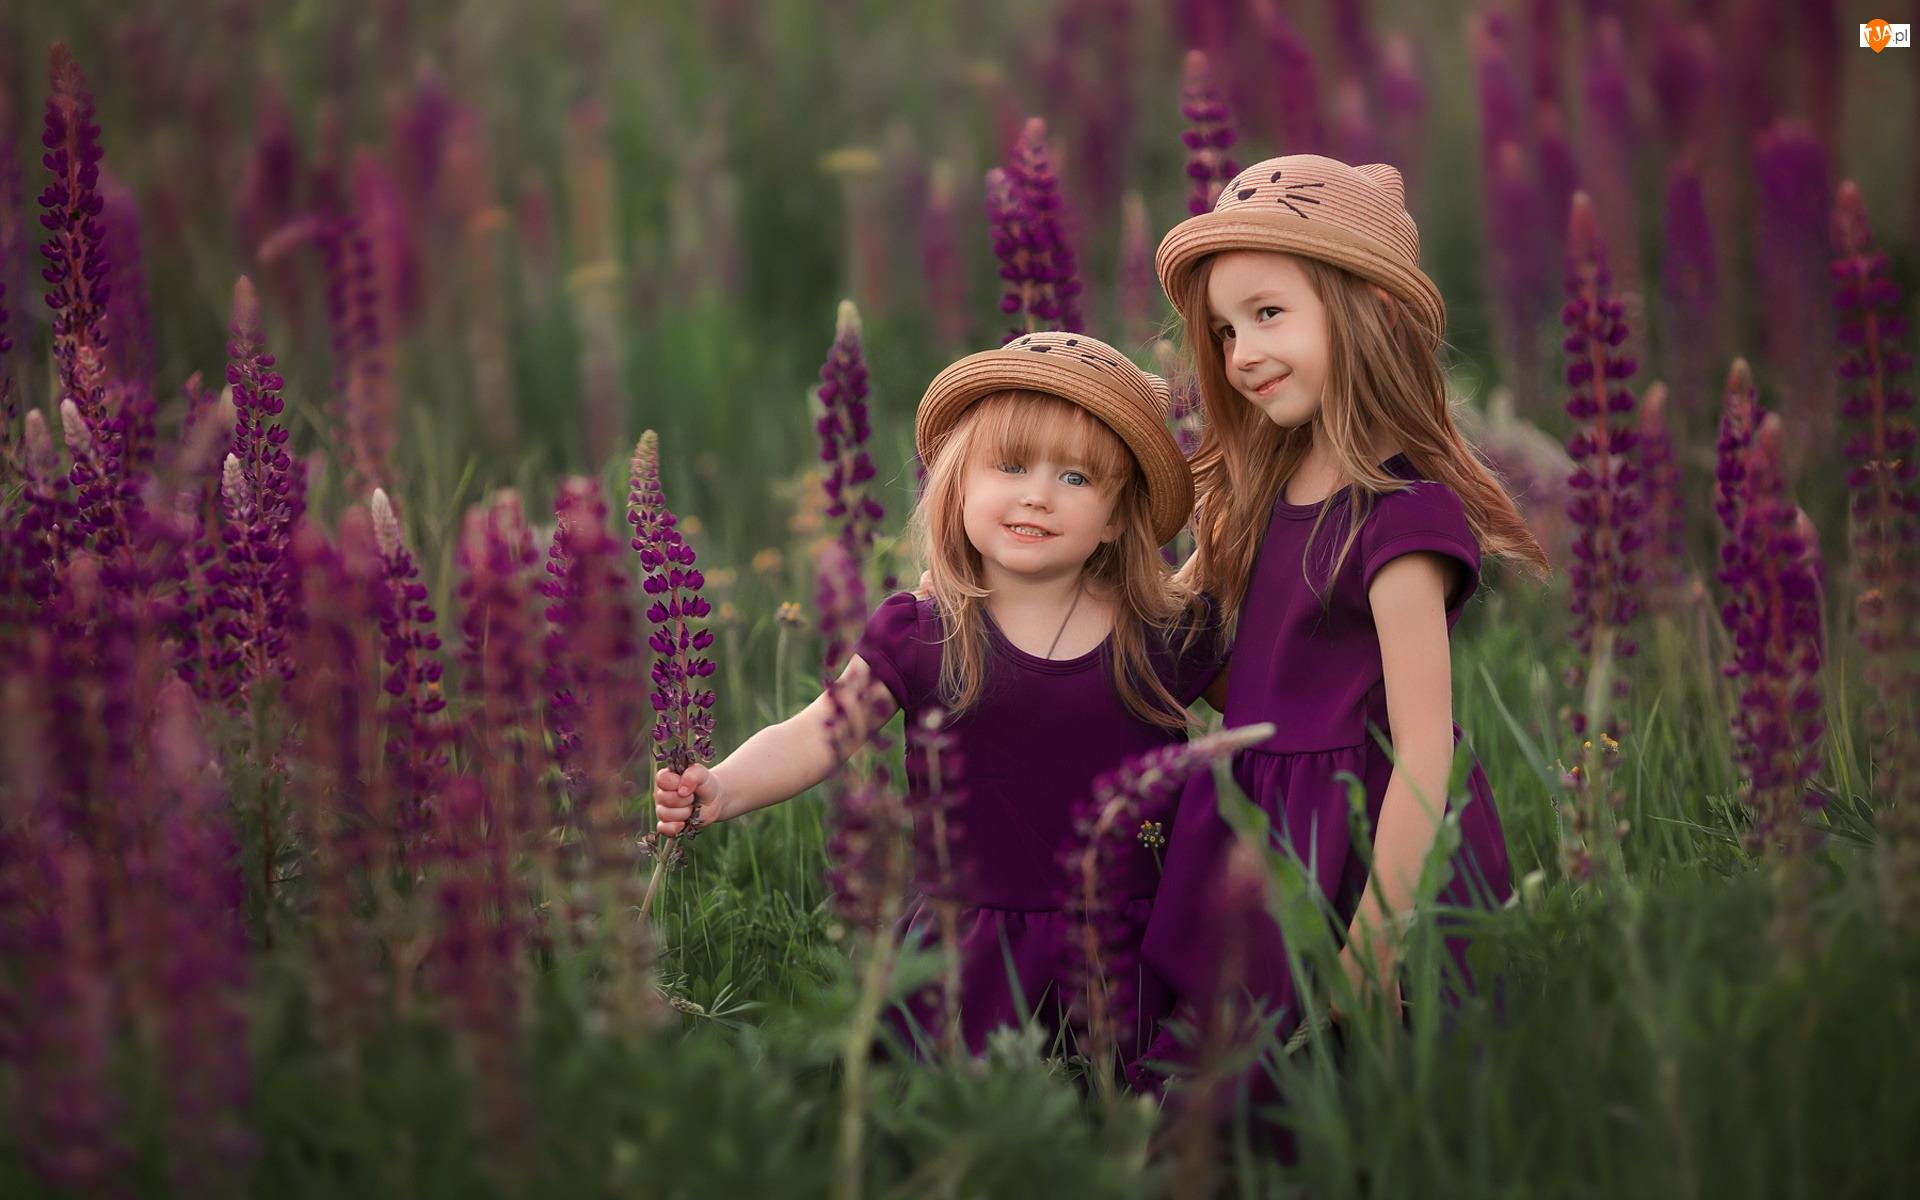 Dziewczynki, Dwie, Łąka, Łubin, Kapelusze, Kwiaty